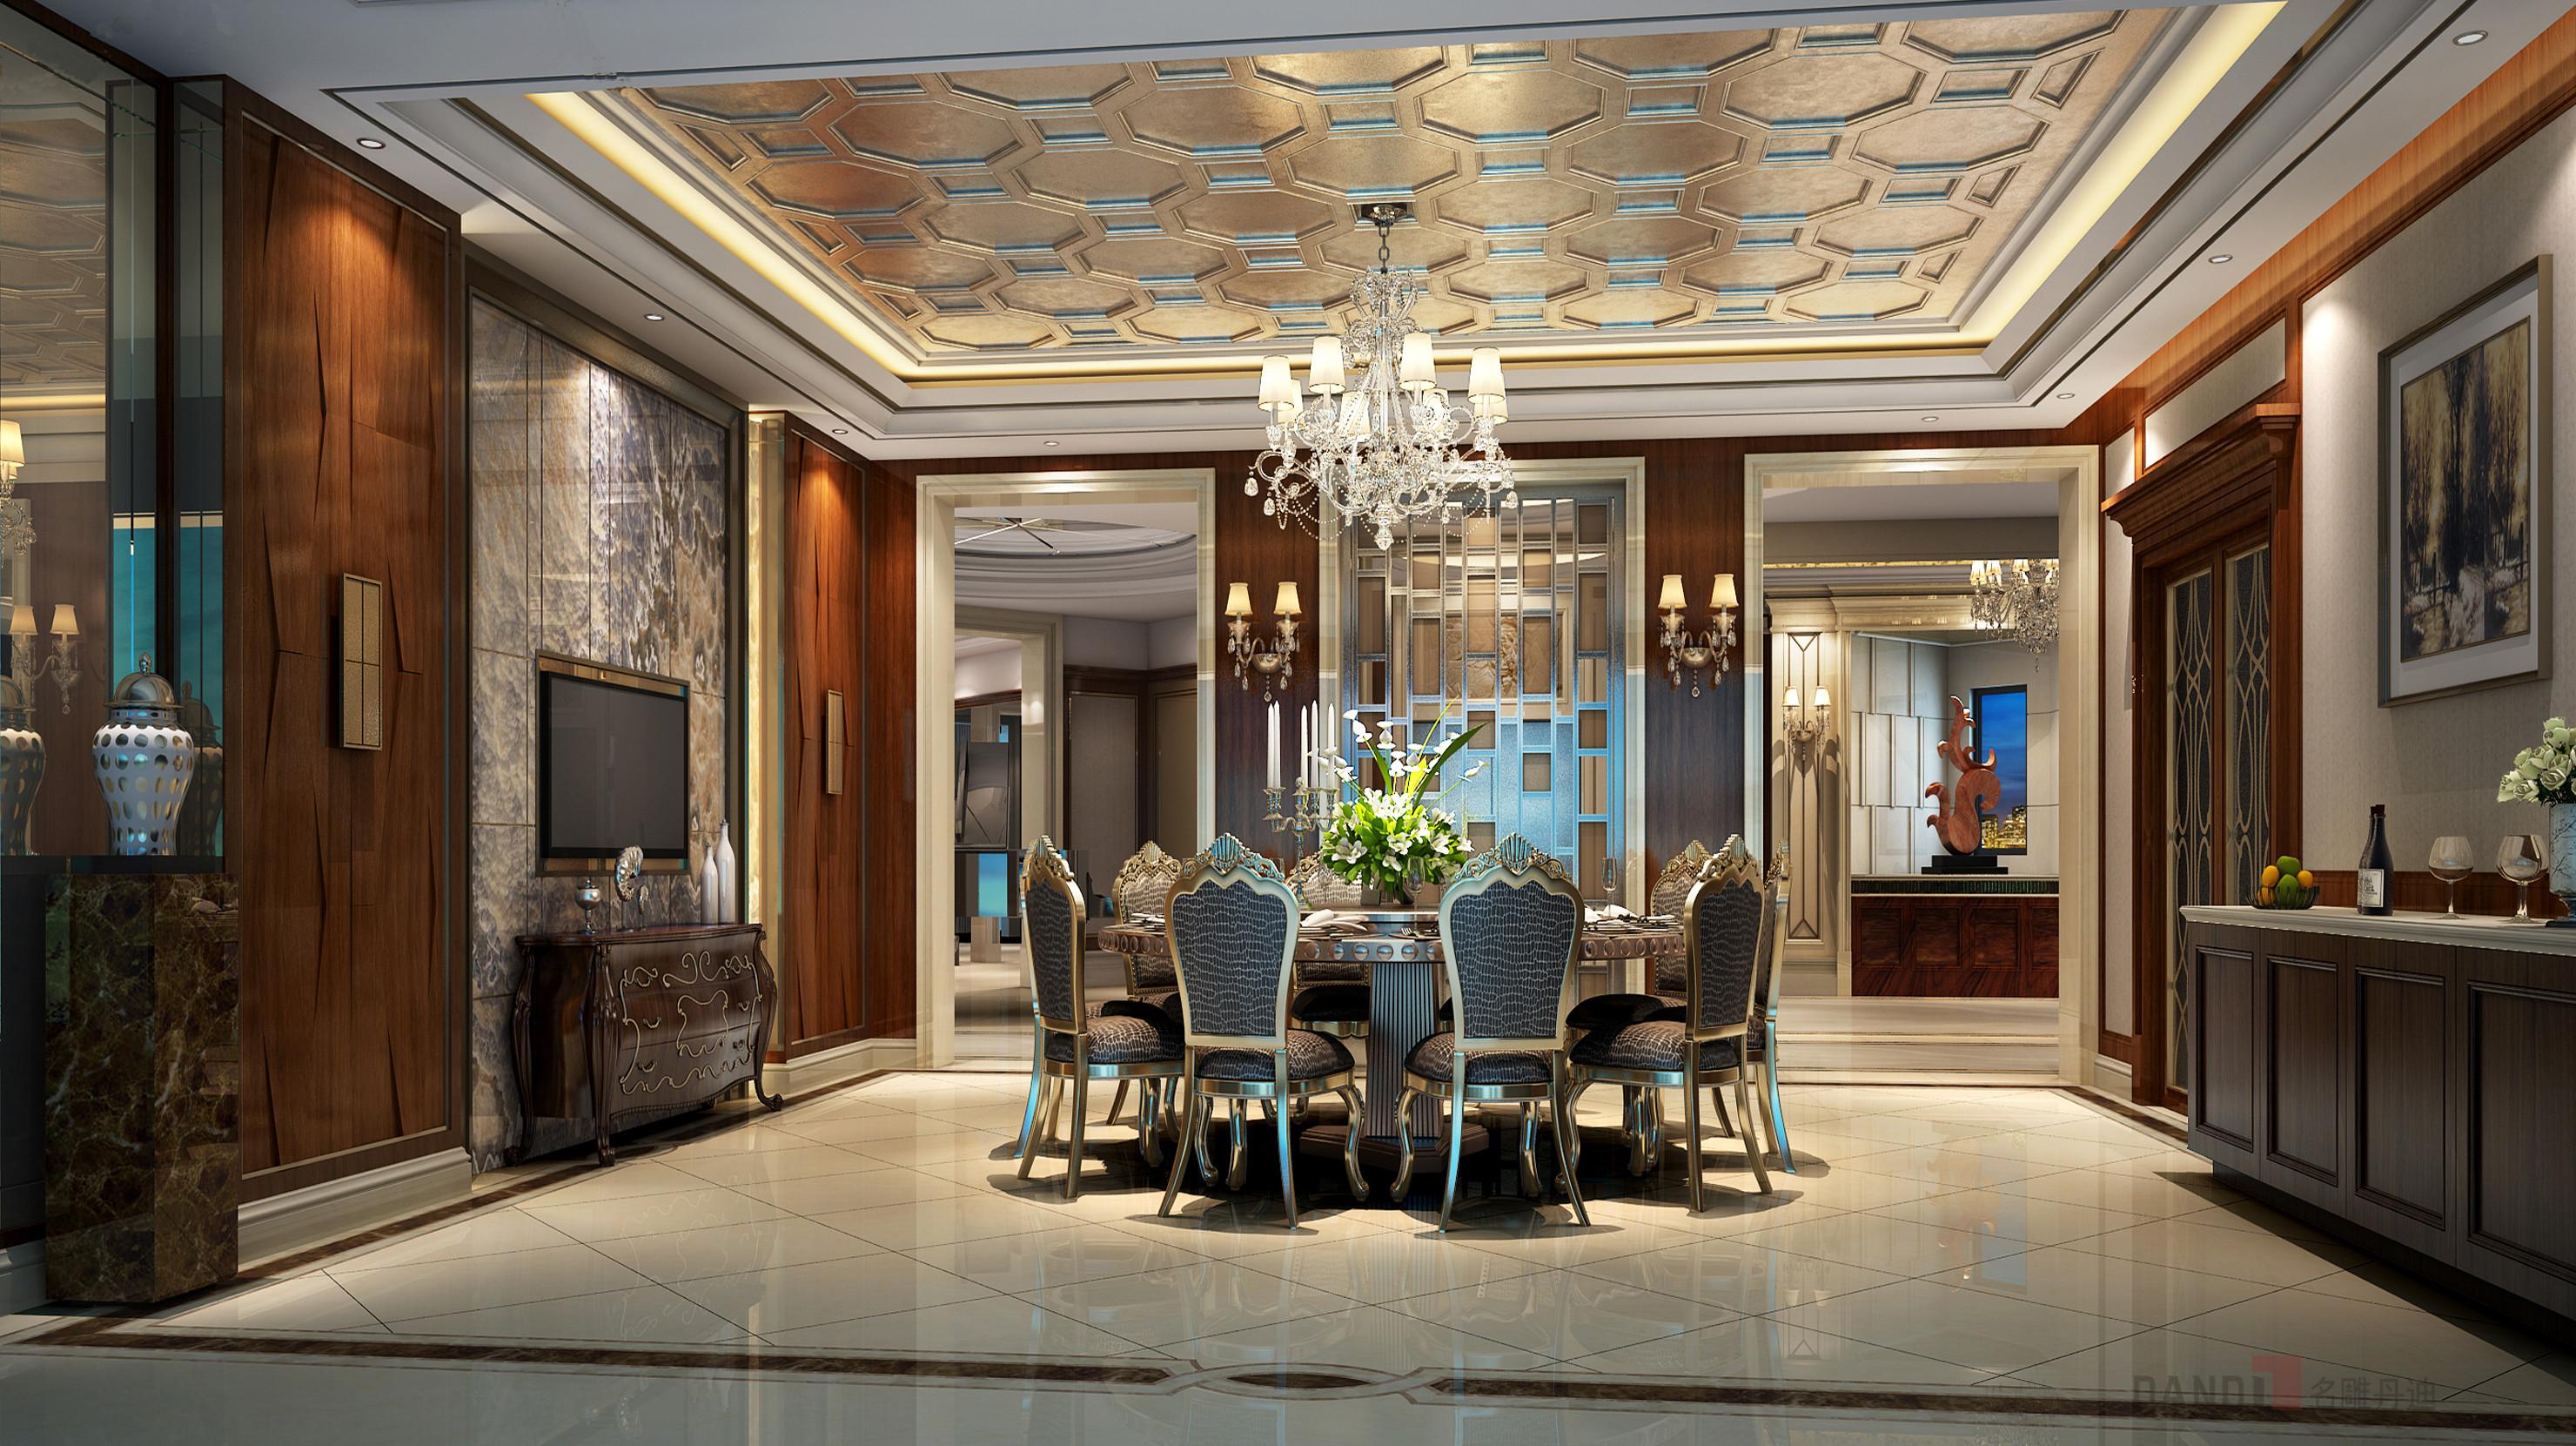 南加州风格 别墅 混搭 餐厅图片来自名雕丹迪在湖景一号别墅南加州风格装修的分享